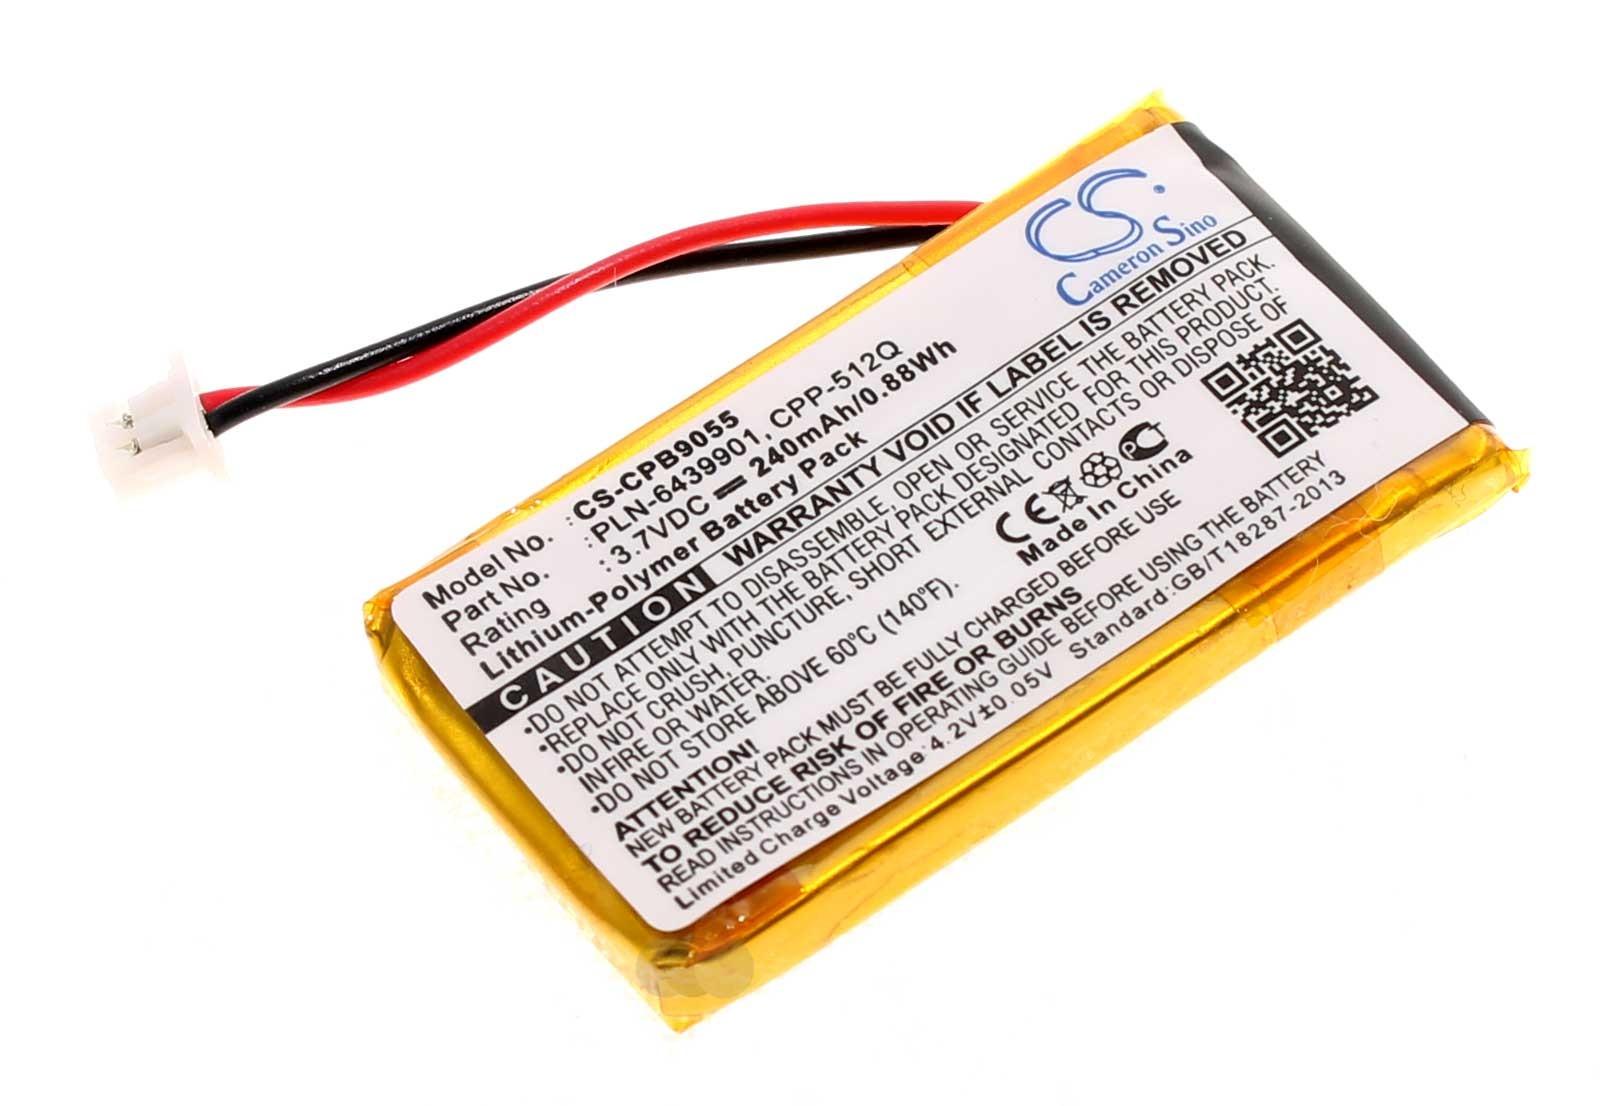 Alternativer Akku für Plantronics und Avaya Wireless Office Headsets mit 3,7 Volt und 240mAh Kapazität für Plantronics 64327-01, 64399-01, 65358-01, AWH-55, AWH-65, C351N, C65, CS351, CS351N, CS351V, CS361, CS361N, CS50, CS50USB, CS50-USB, CS510, CS510A,